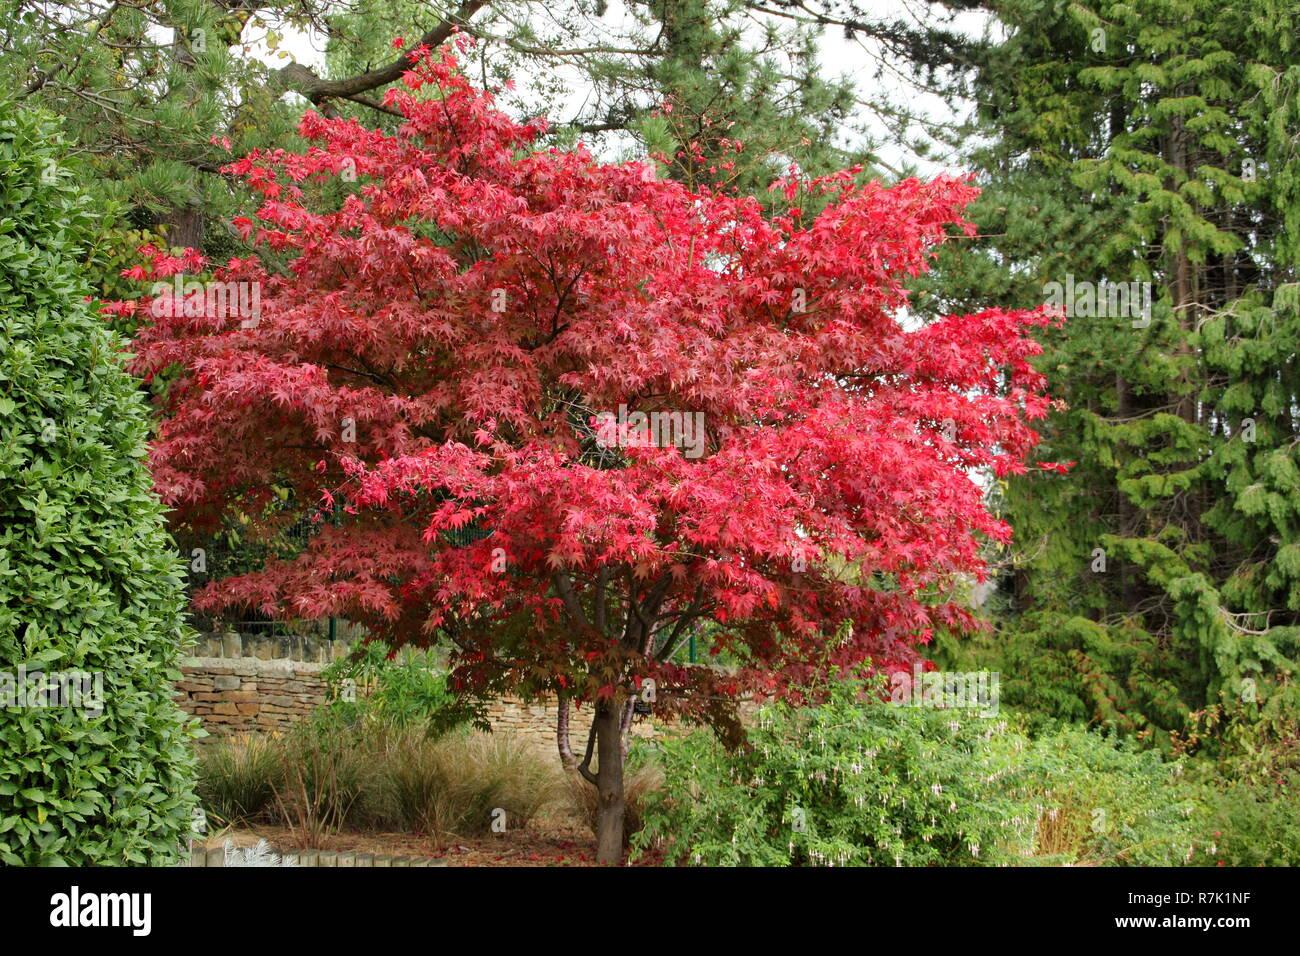 Acer Osakazuki Japanese Maple Tree Displaying Autumn Foliage